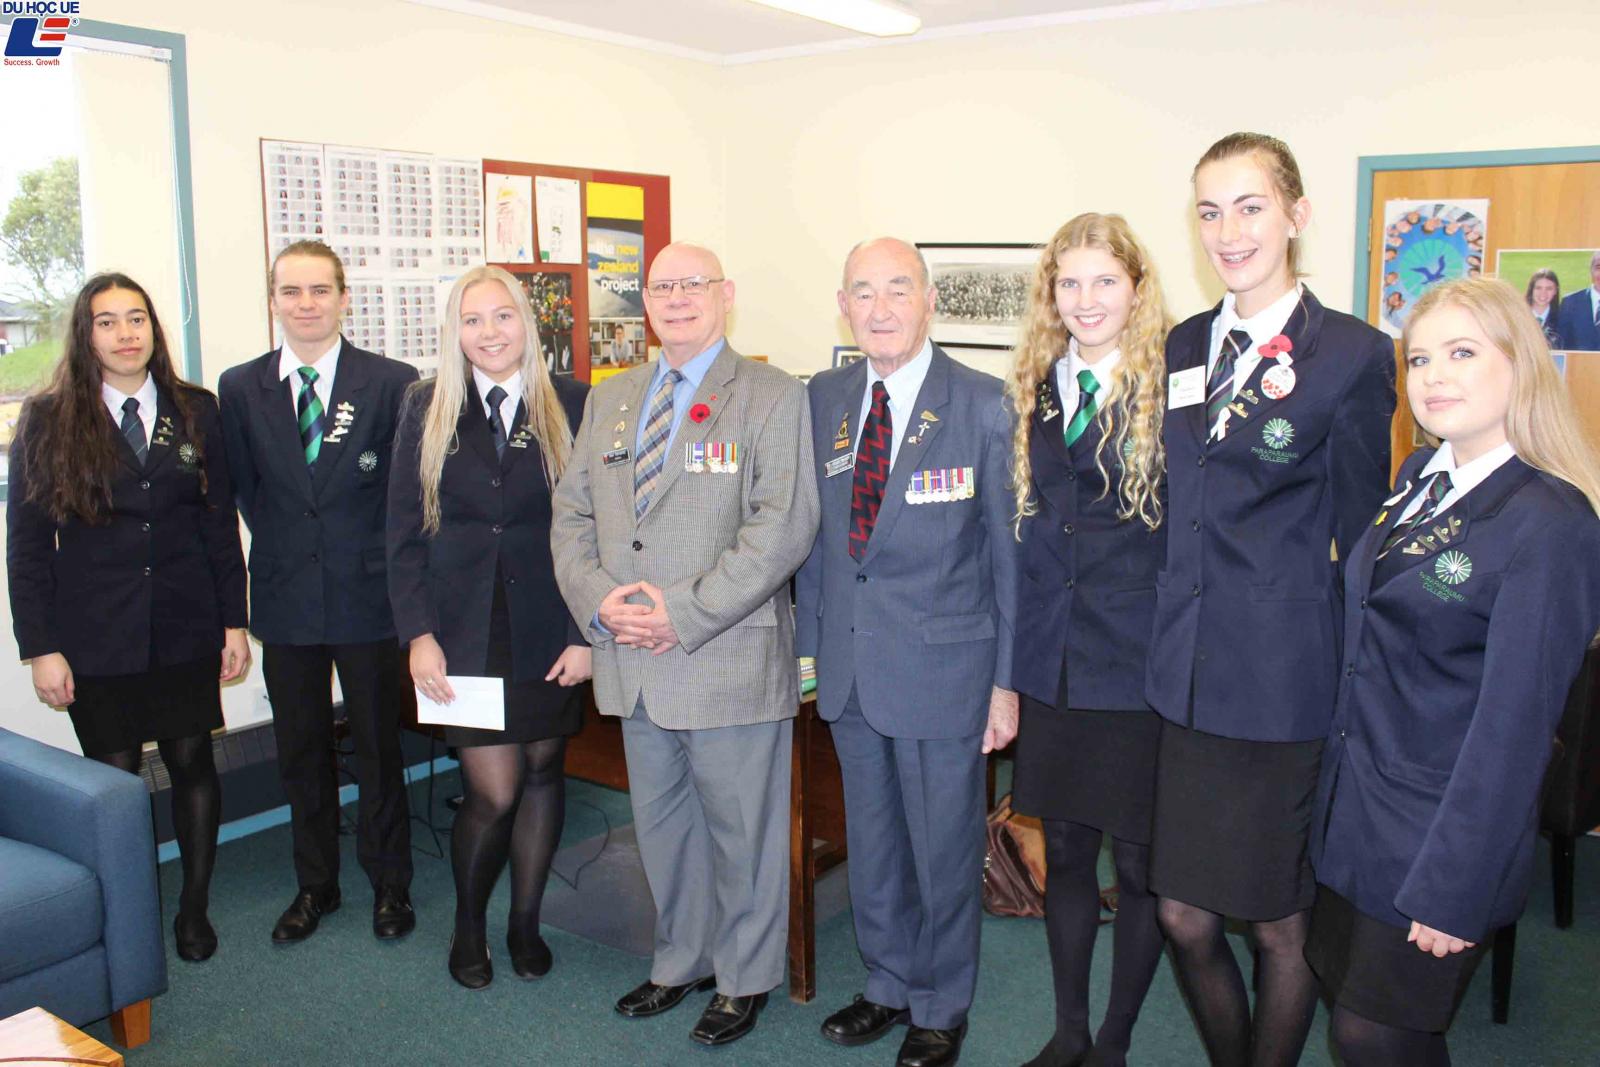 Học bổng hấp dẫn của chính phủ New Zealand dành cho chương trình trung học phổ thông vào trường Paraparaumu College 2